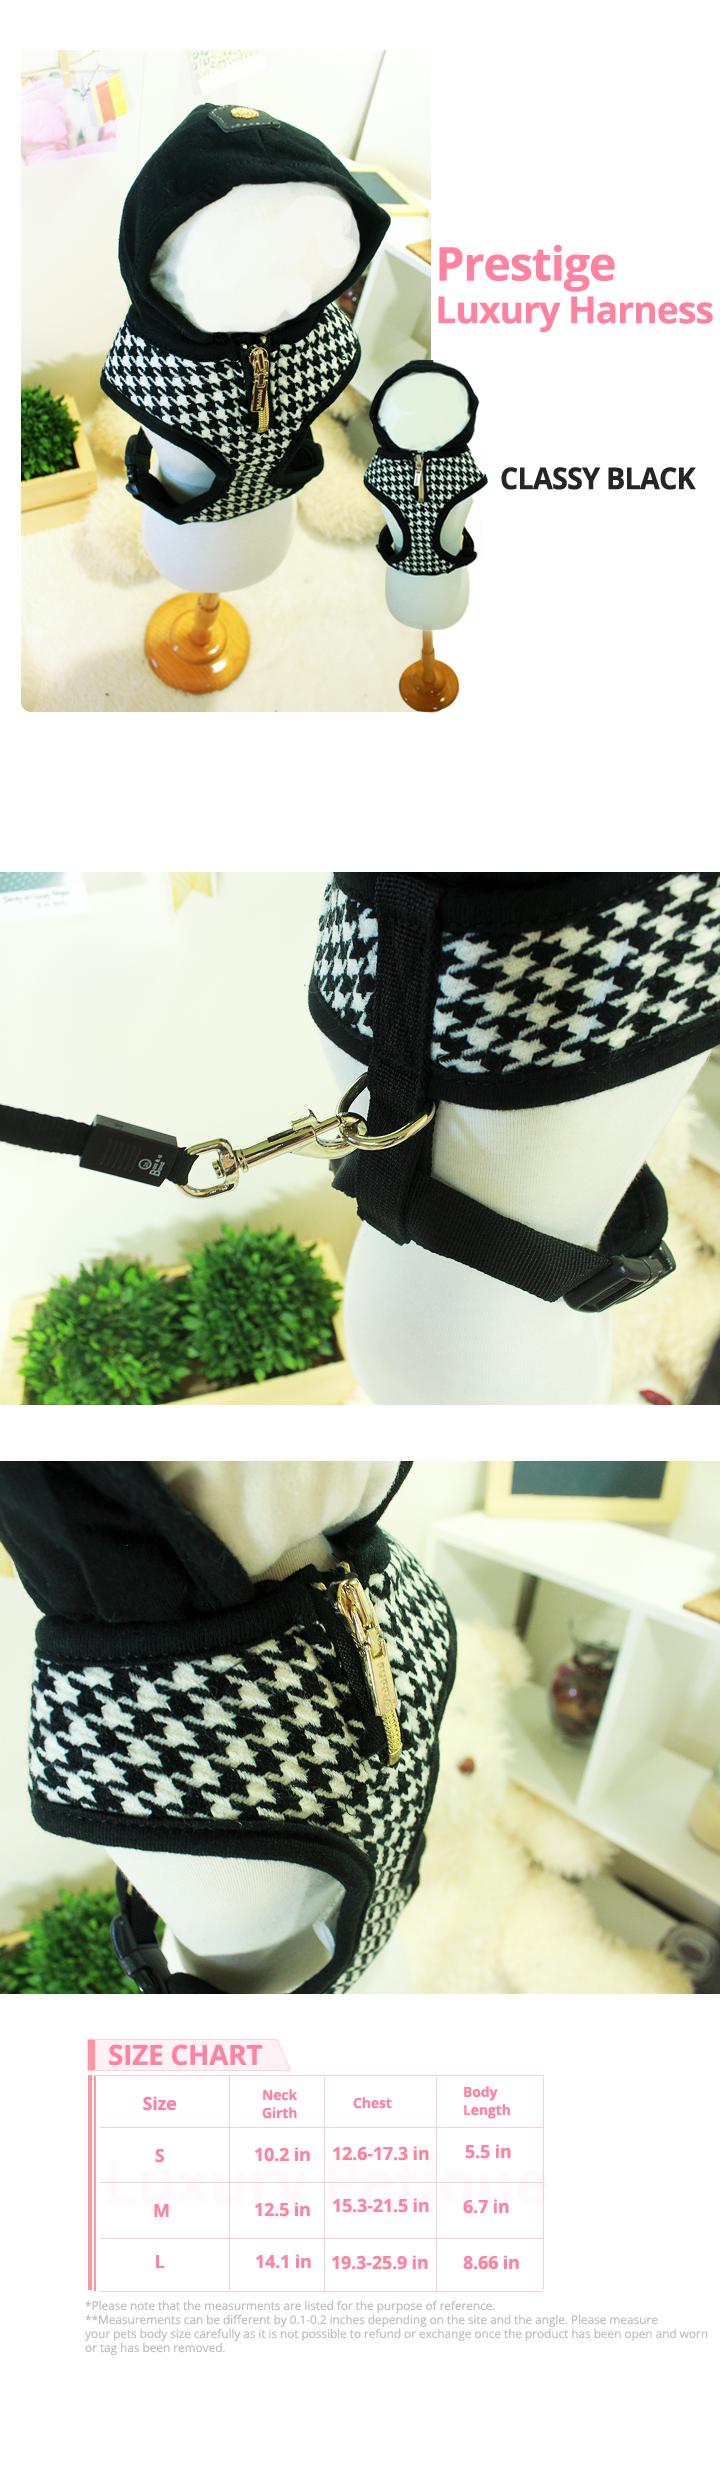 prestige-harness-2.png